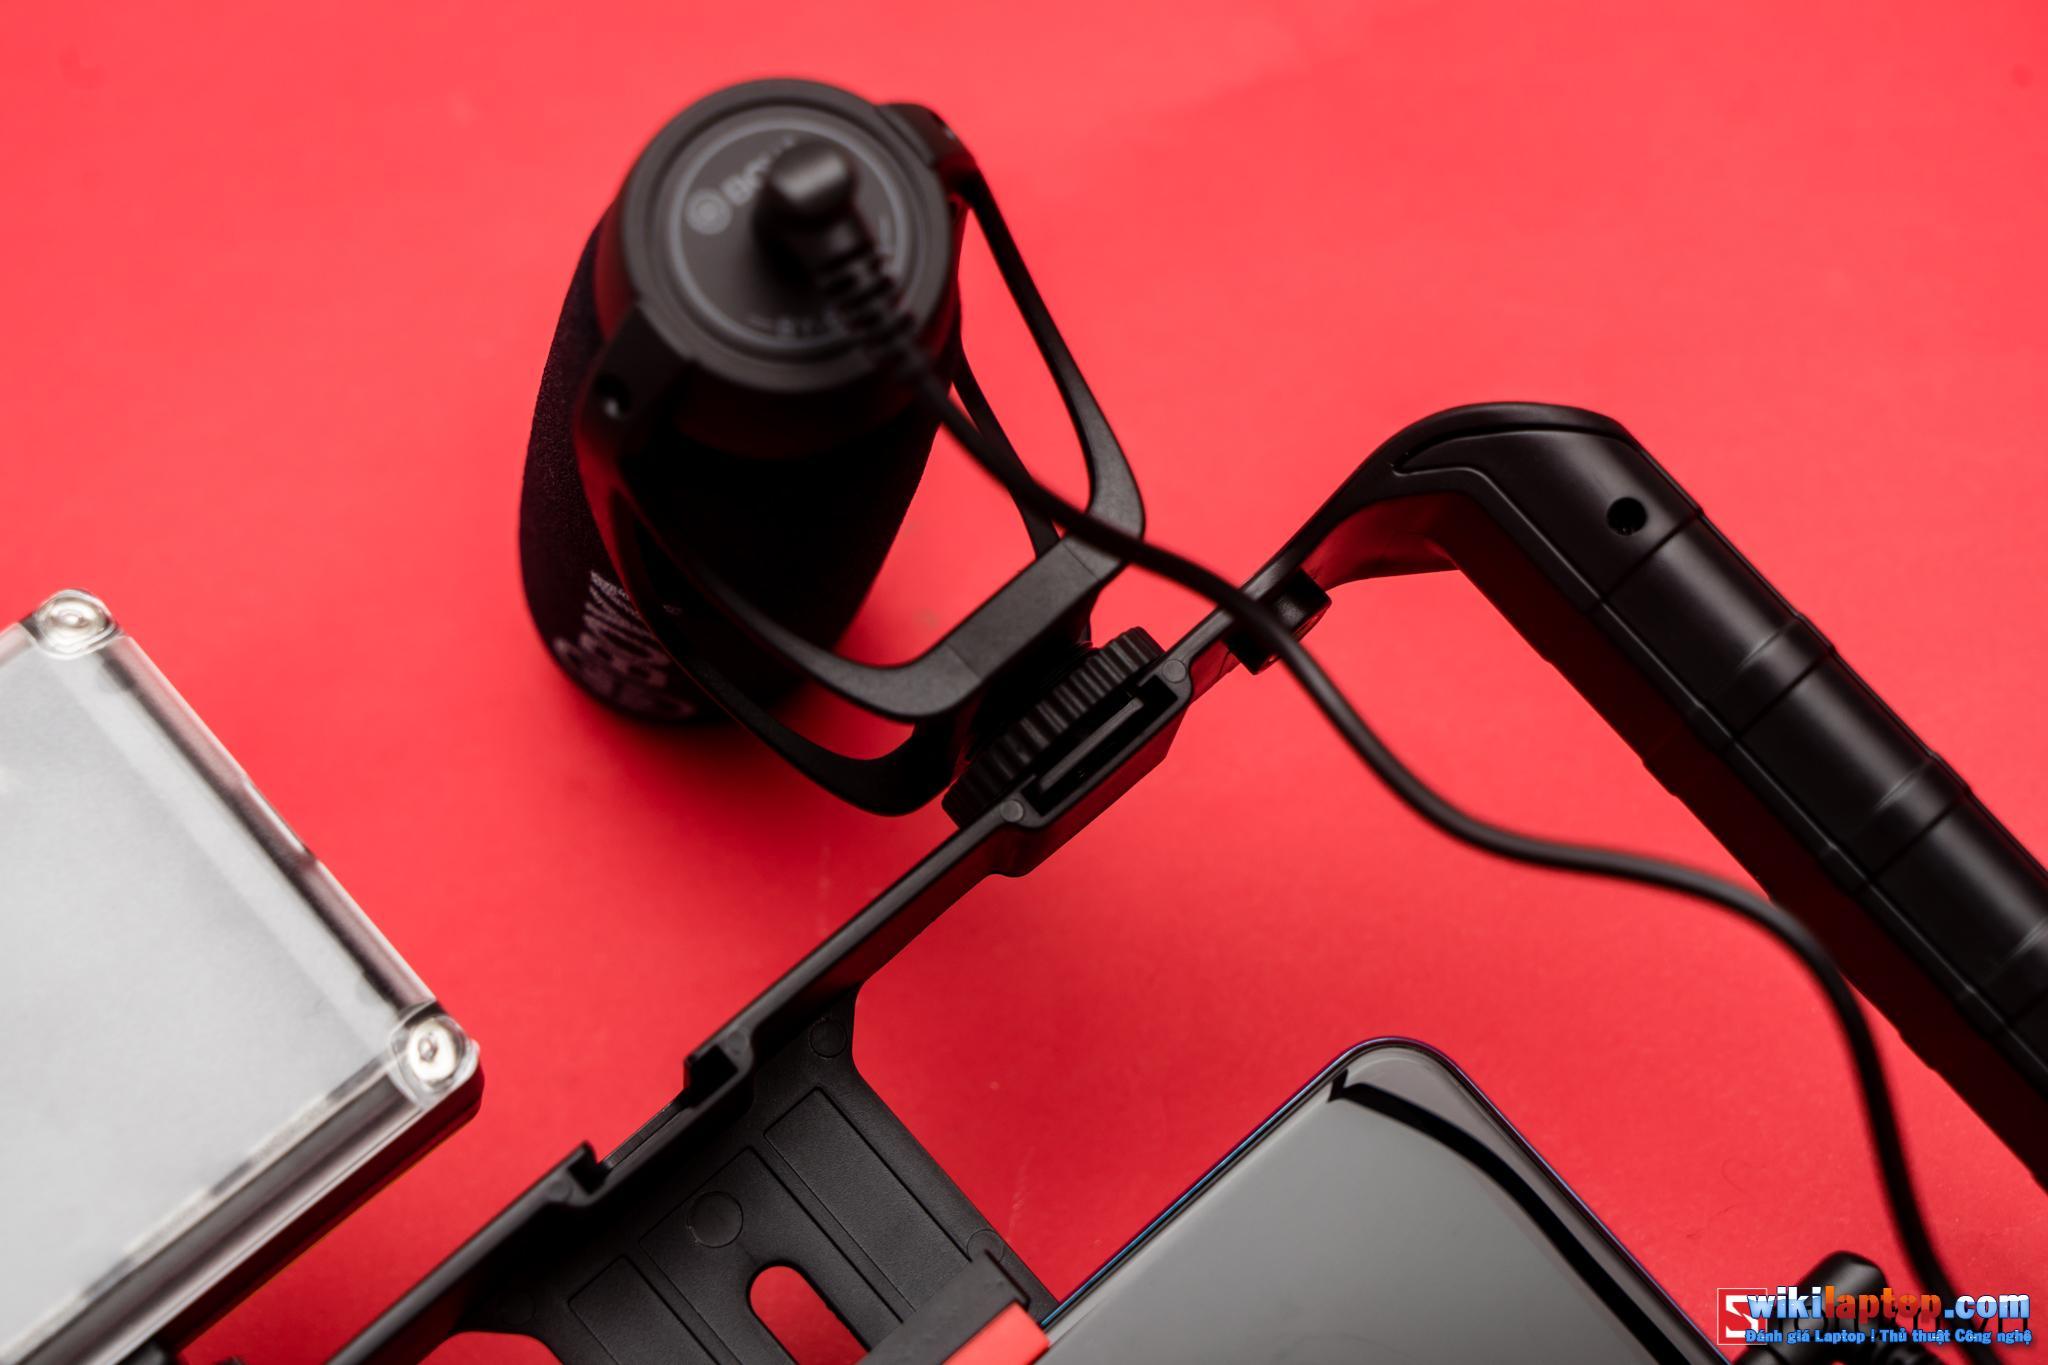 Sforum - Trang thông tin công nghệ mới nhất CPS-Combo-Quay Phim-So-2-58 Trải nghiệm Combo 2 Pro: Phim chống rung mà không cần gimbal?